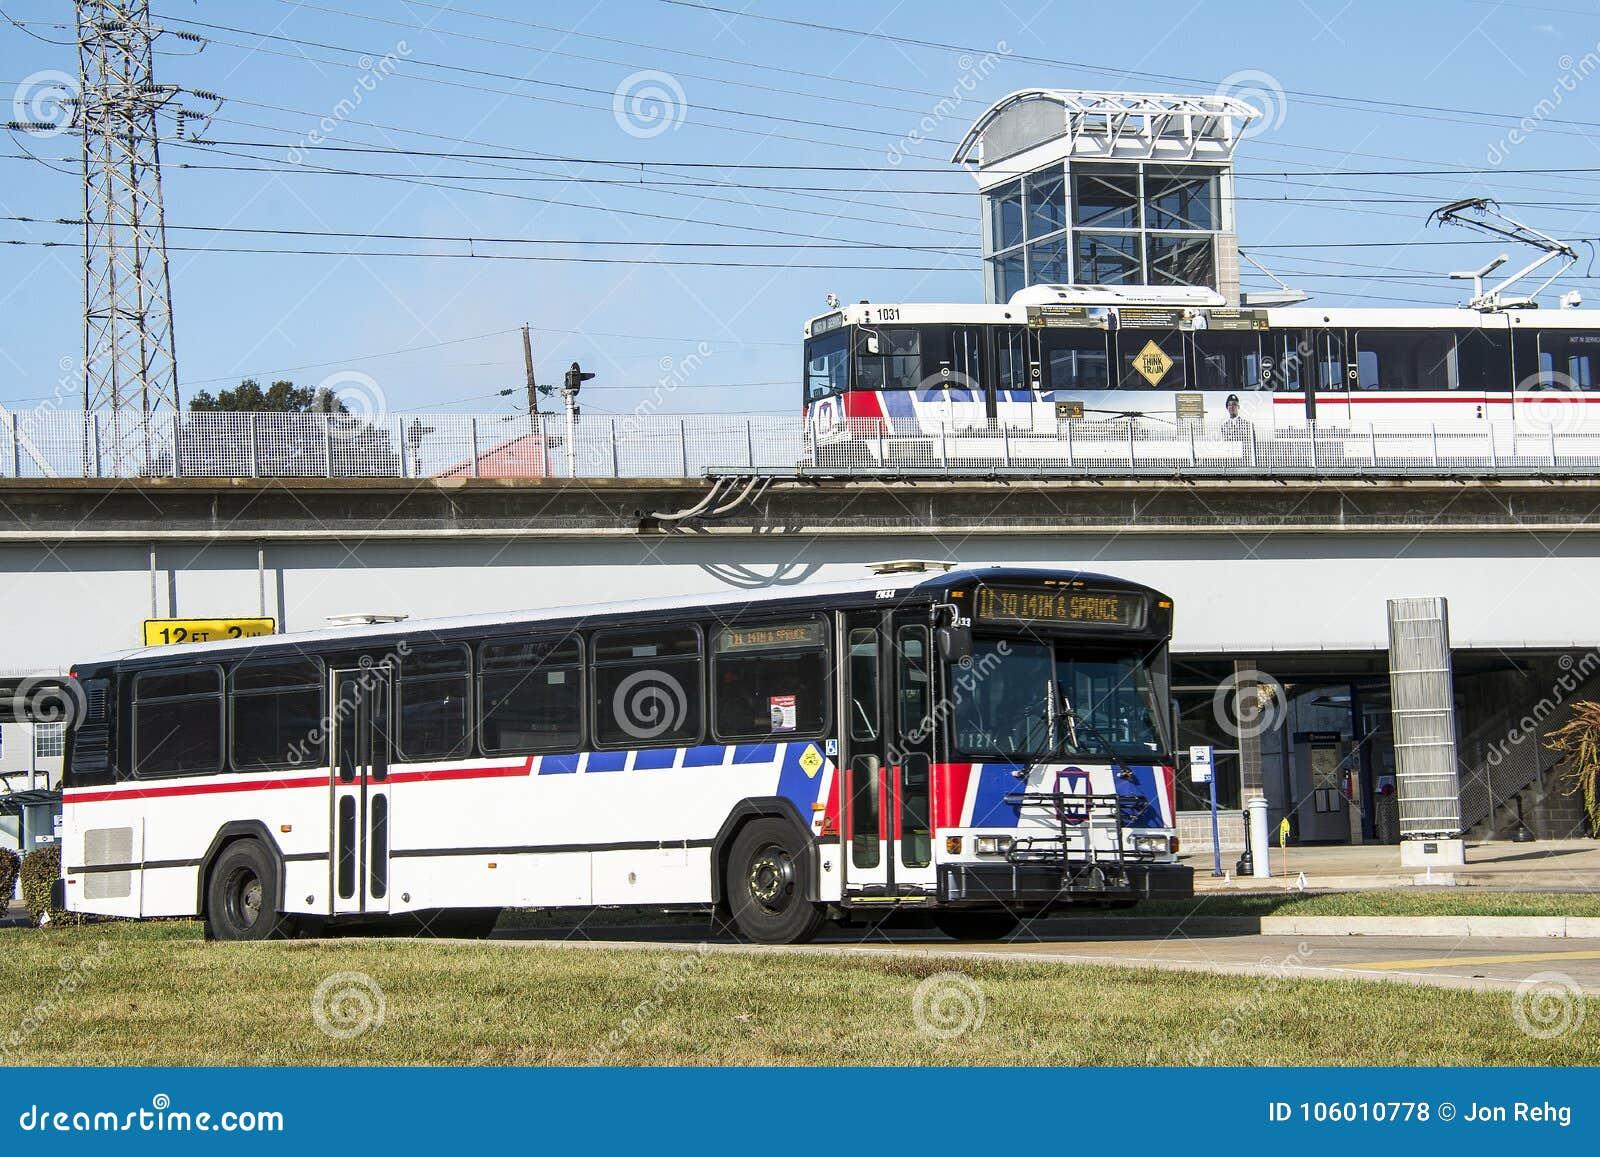 Σαιντ Λούις, Μισσούρι, Ηνωμένες Πολιτείες - circa 2016 - επιβατική αμαξοστοιχία κατόχων διαρκούς εισιτήριου Metrolink στο σταθμό